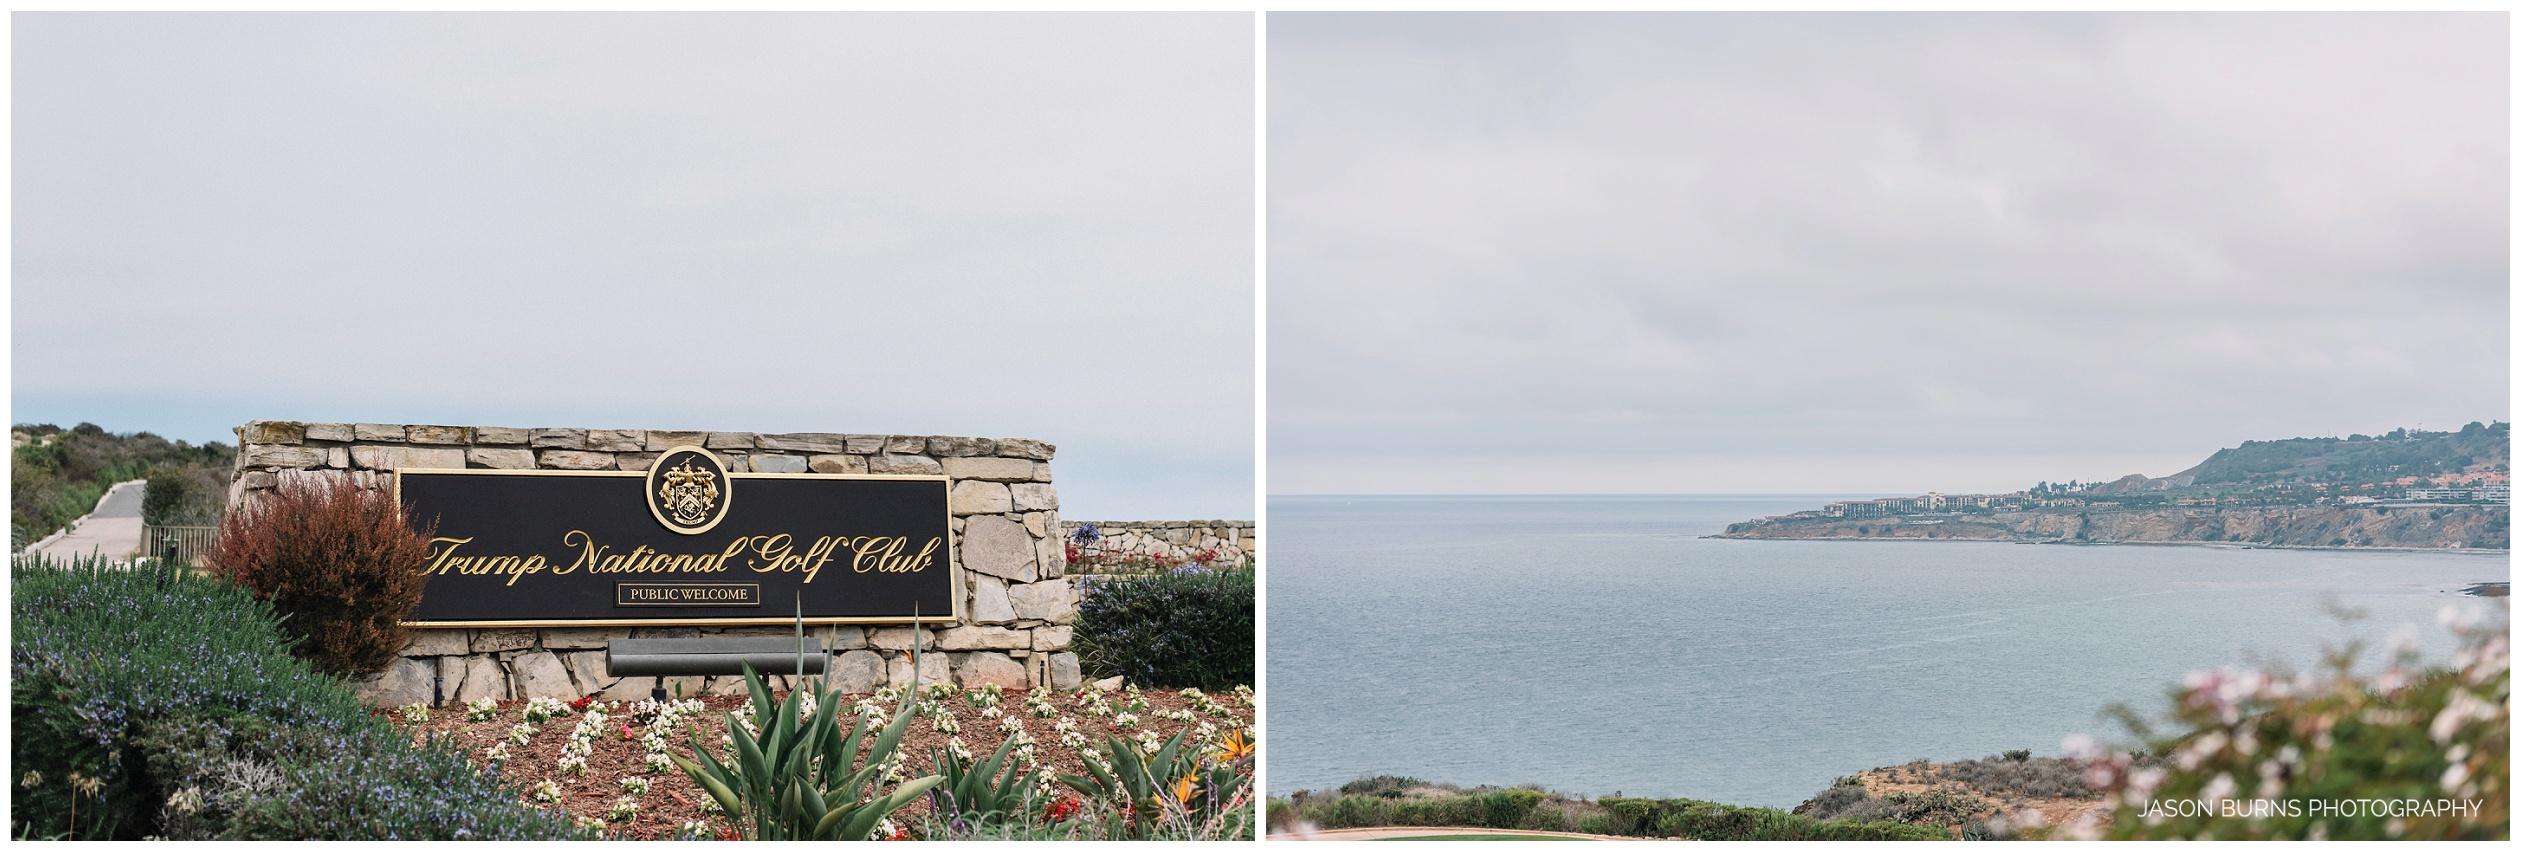 Trump National Golf Club Rancho Palos Verdes wedding01